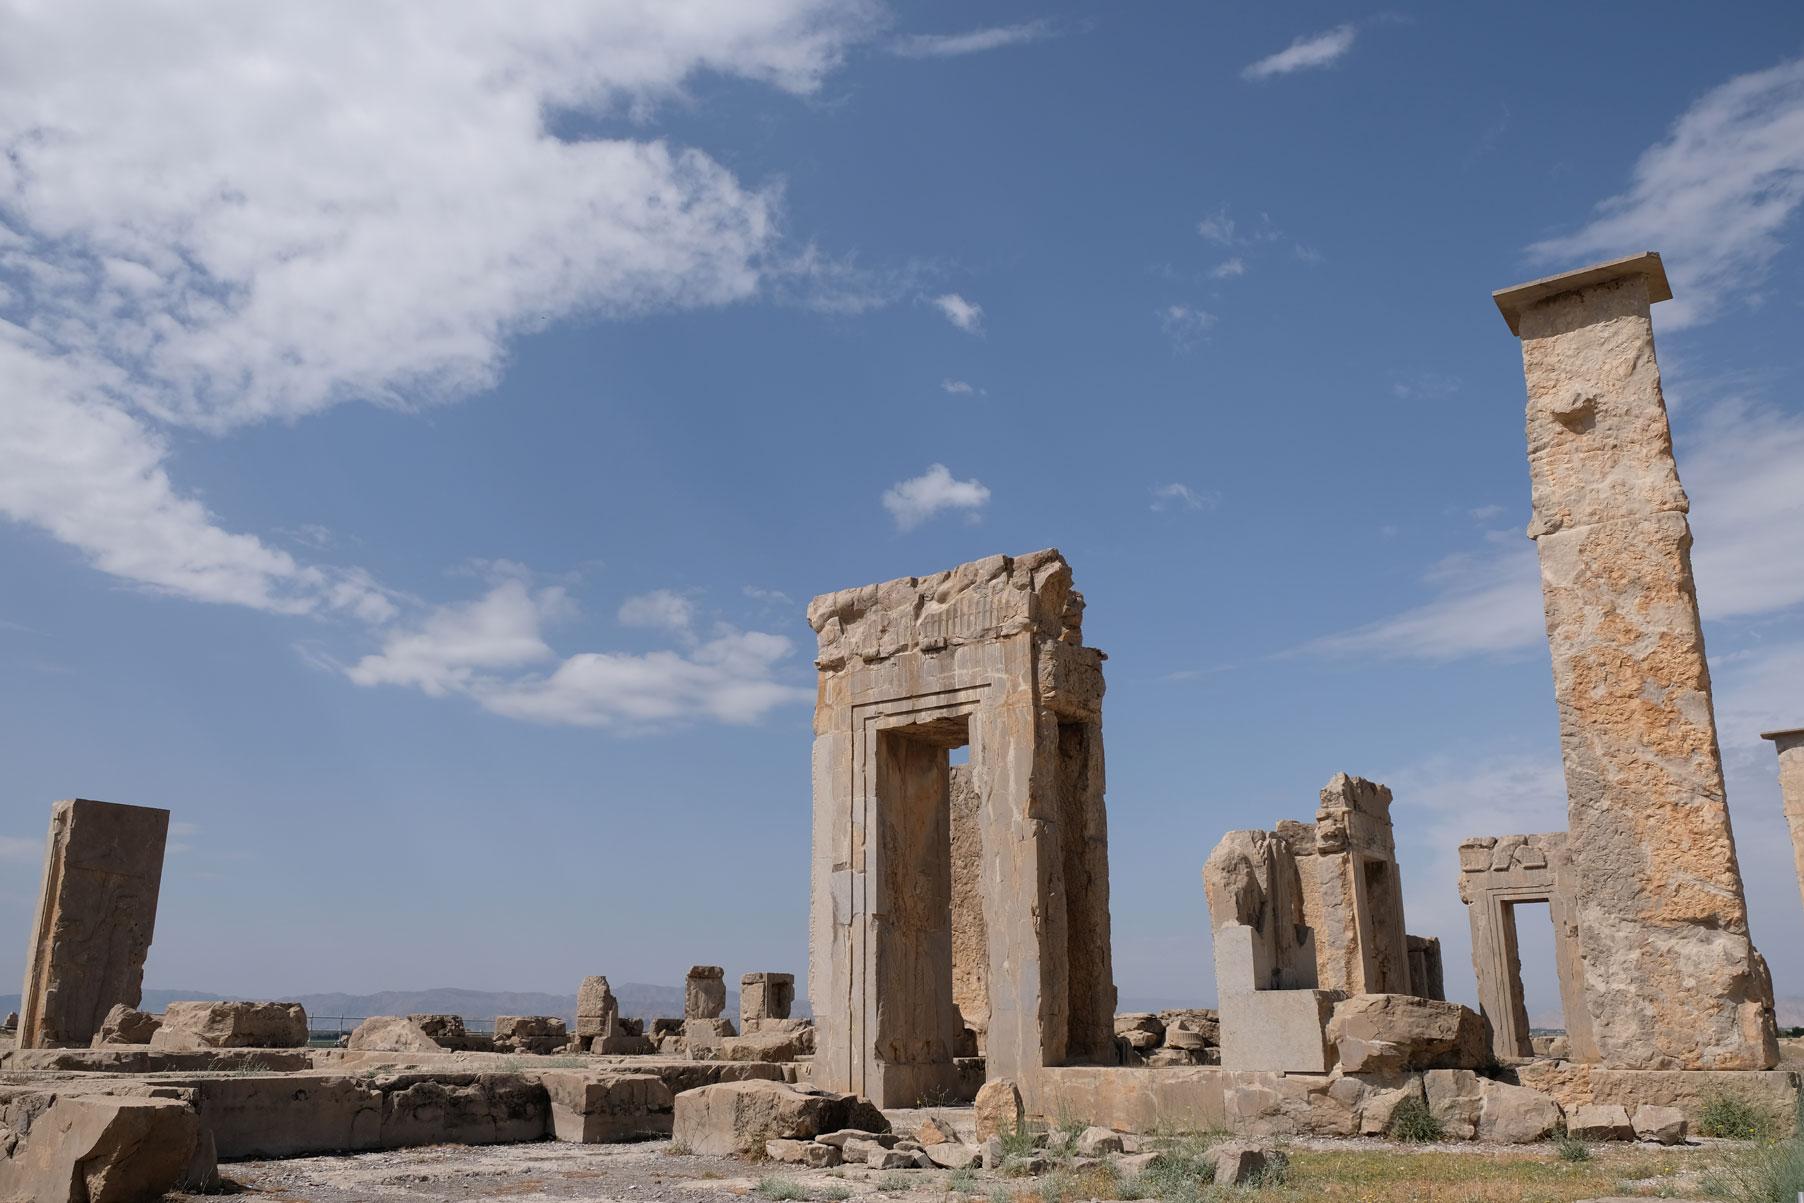 Die Ruinen von Persepolis